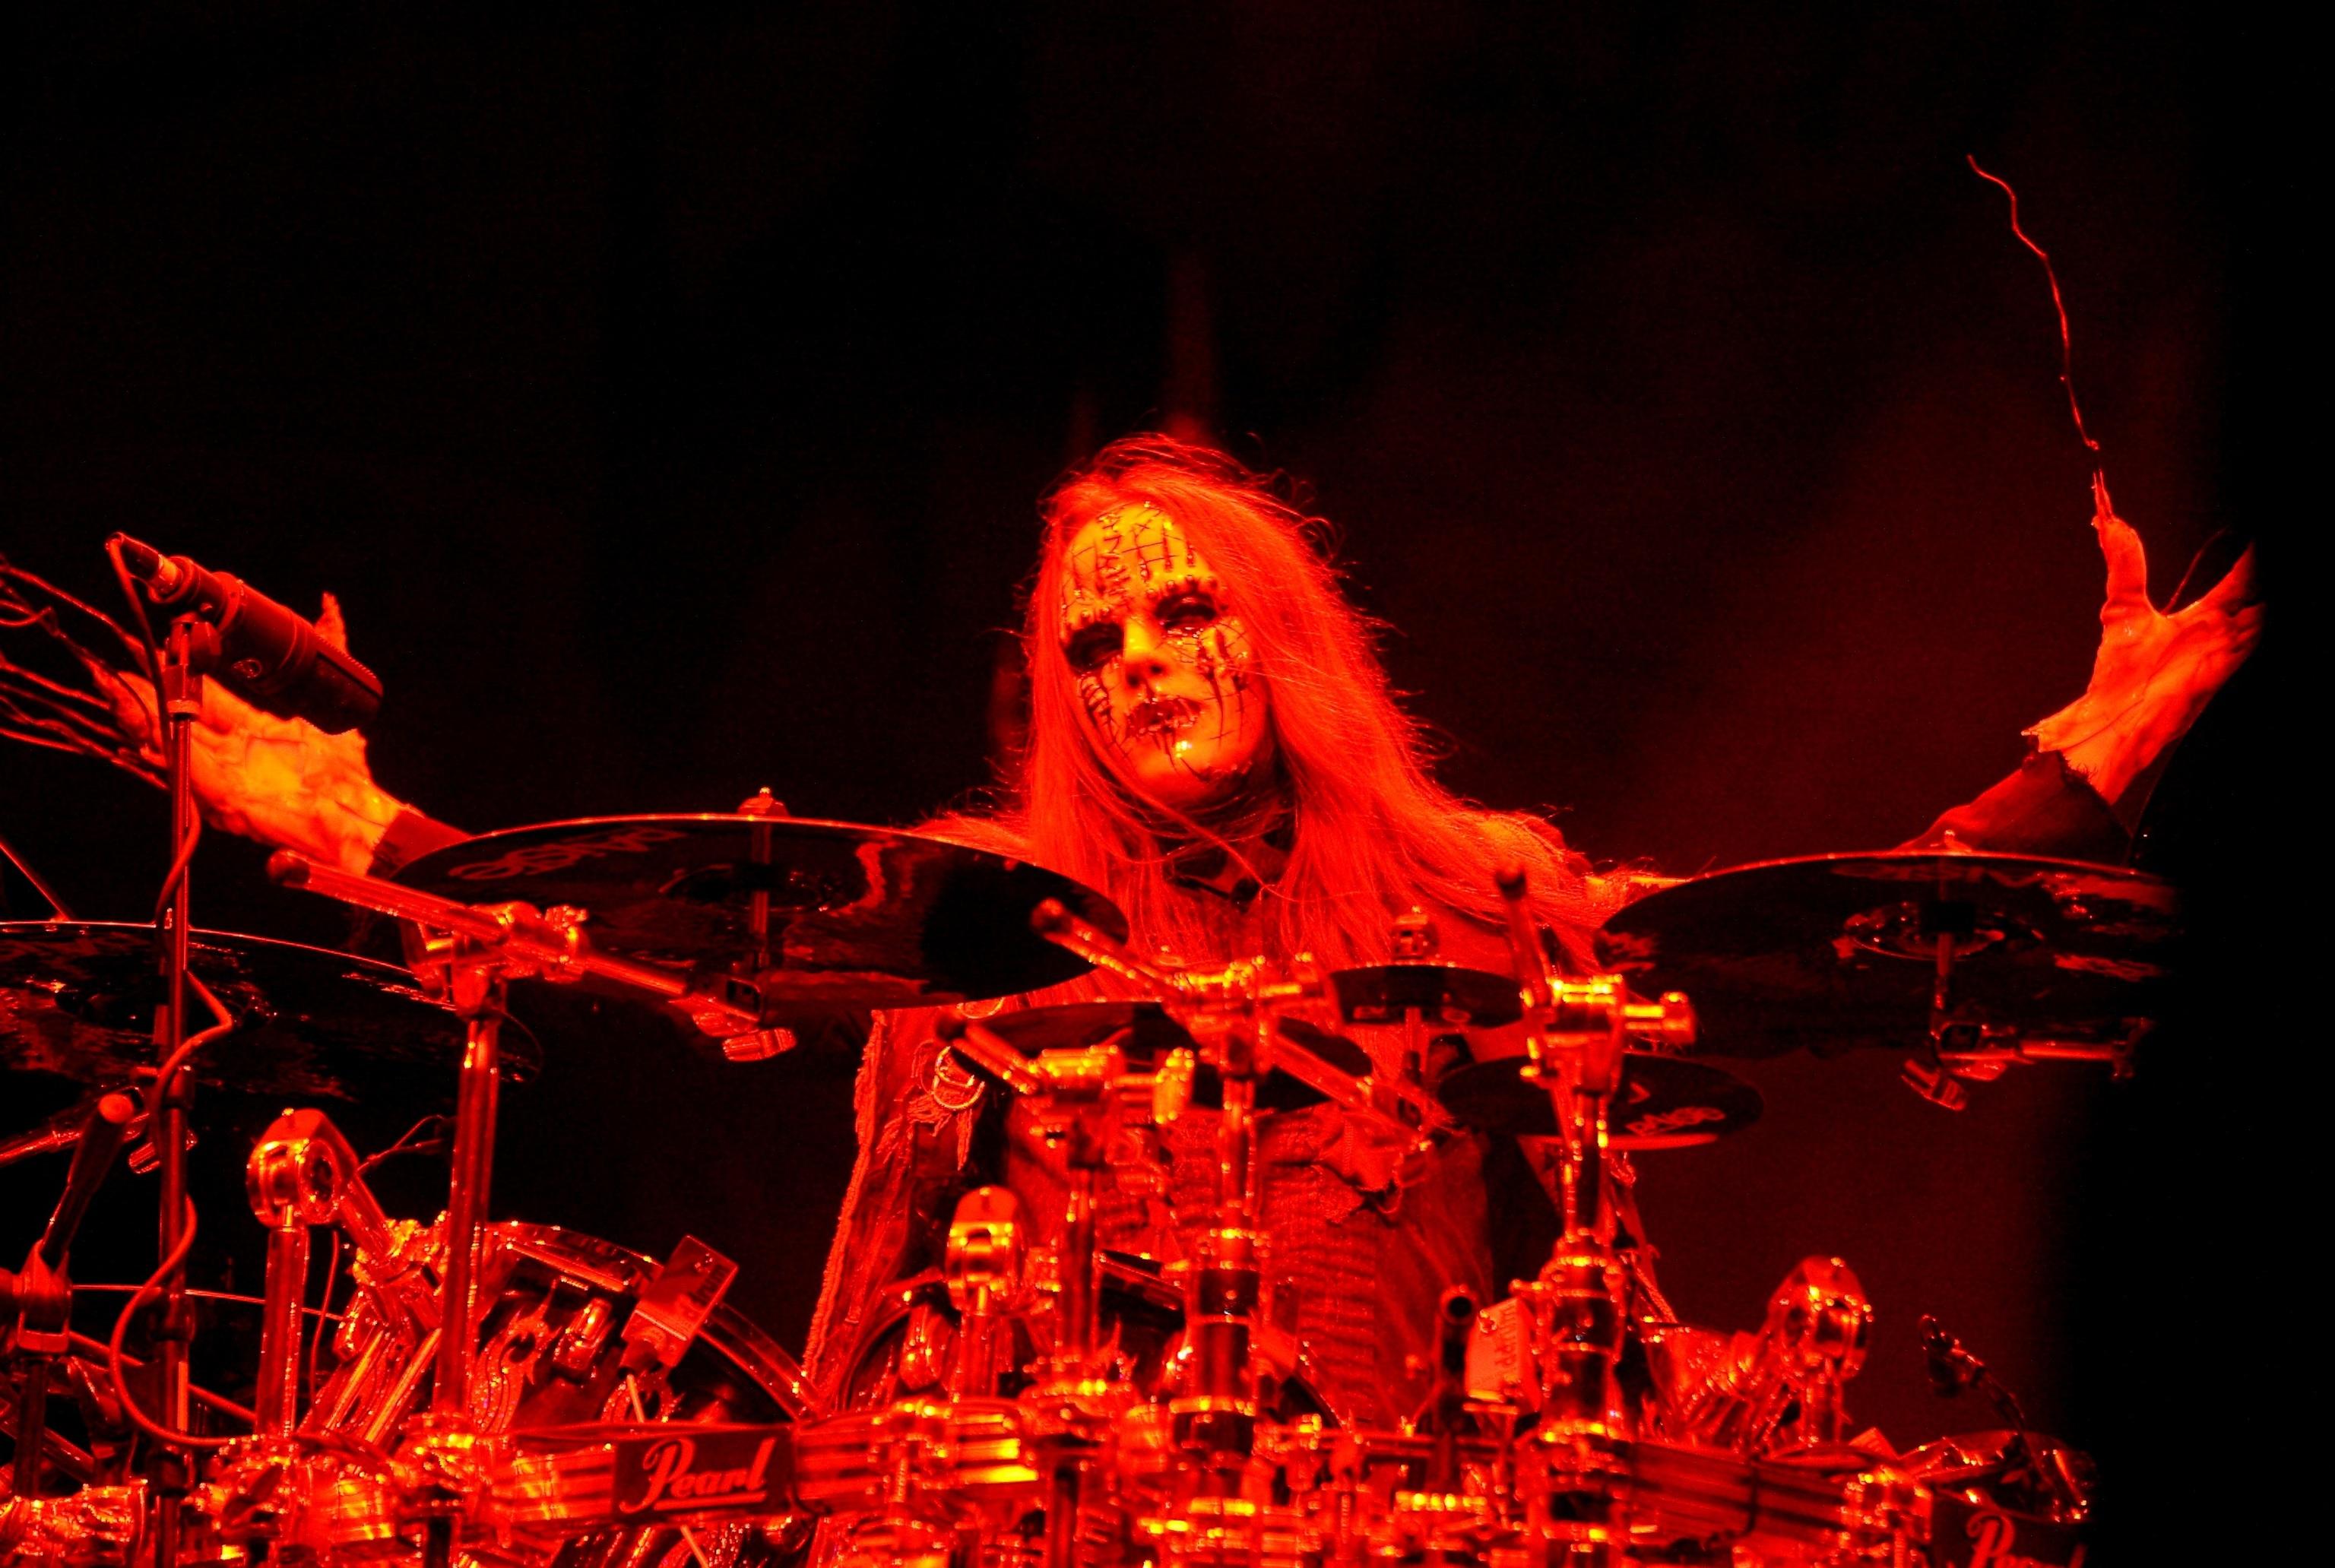 Joey Jordison, batería de Slipknot, durante un concierto en la ciudad de Columbus, Ohio, en 2009.